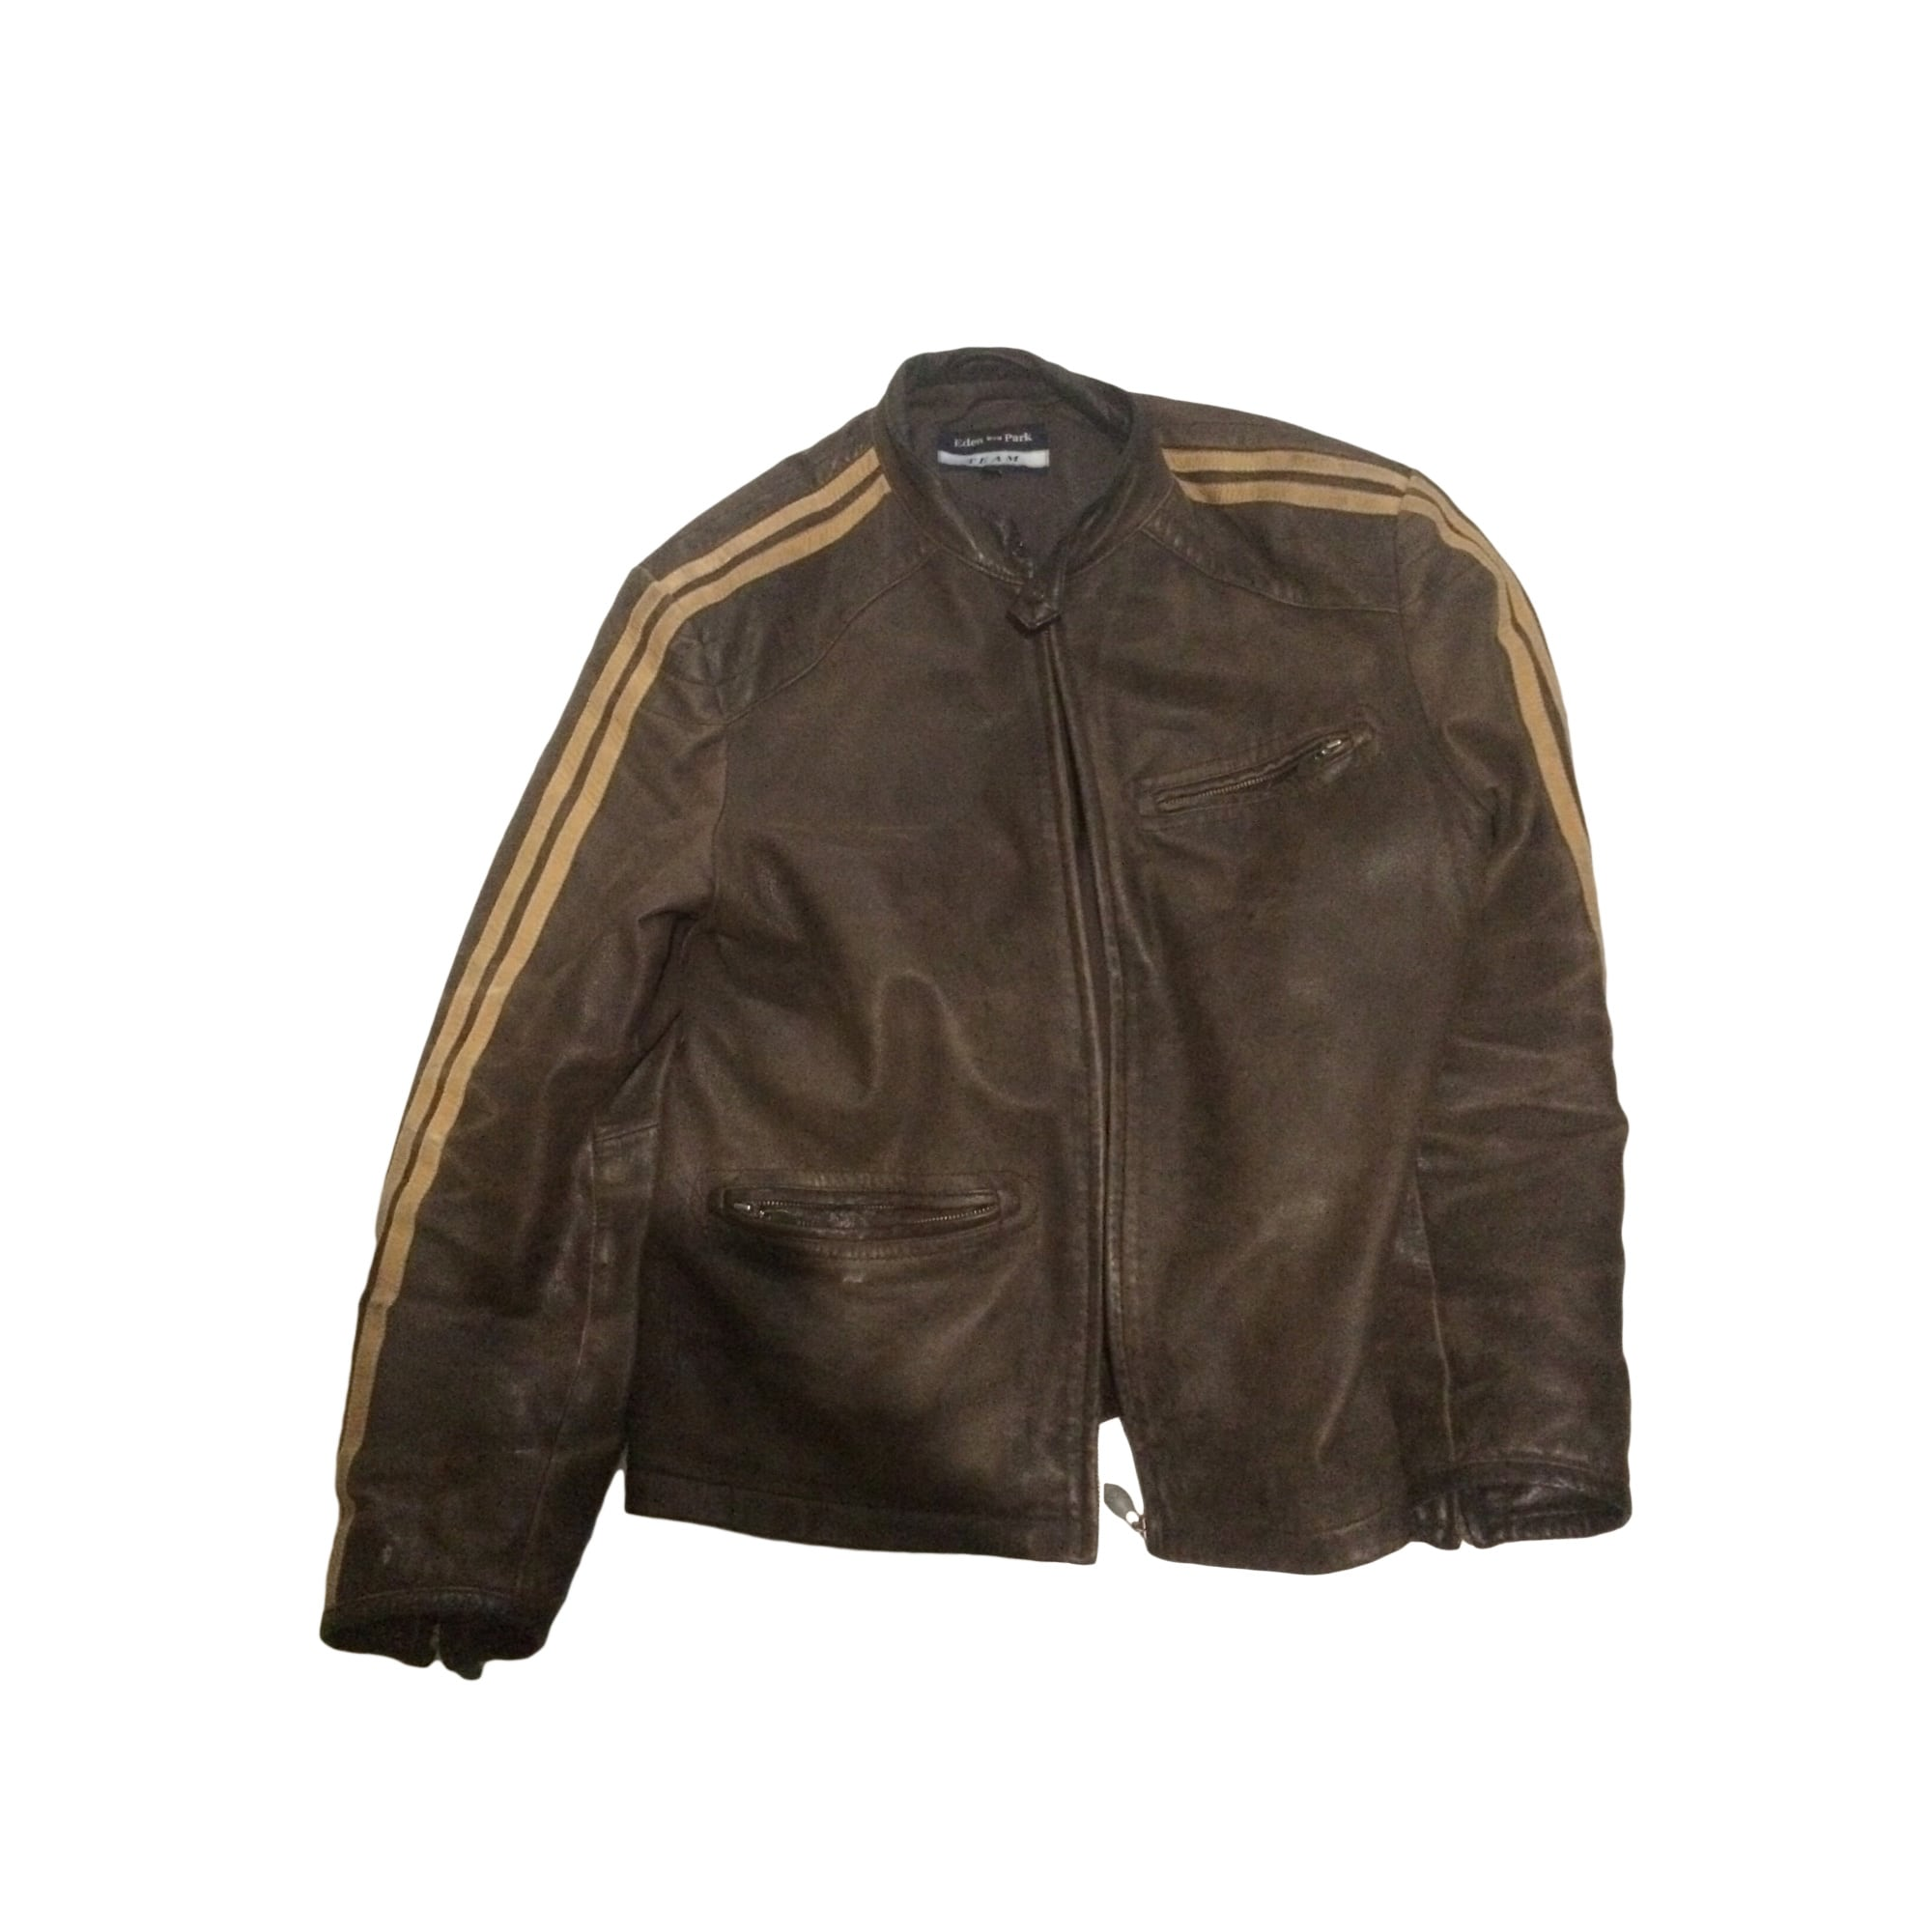 Veste en cuir EDEN PARK 50 (M) marron vieilli patiné 6057217